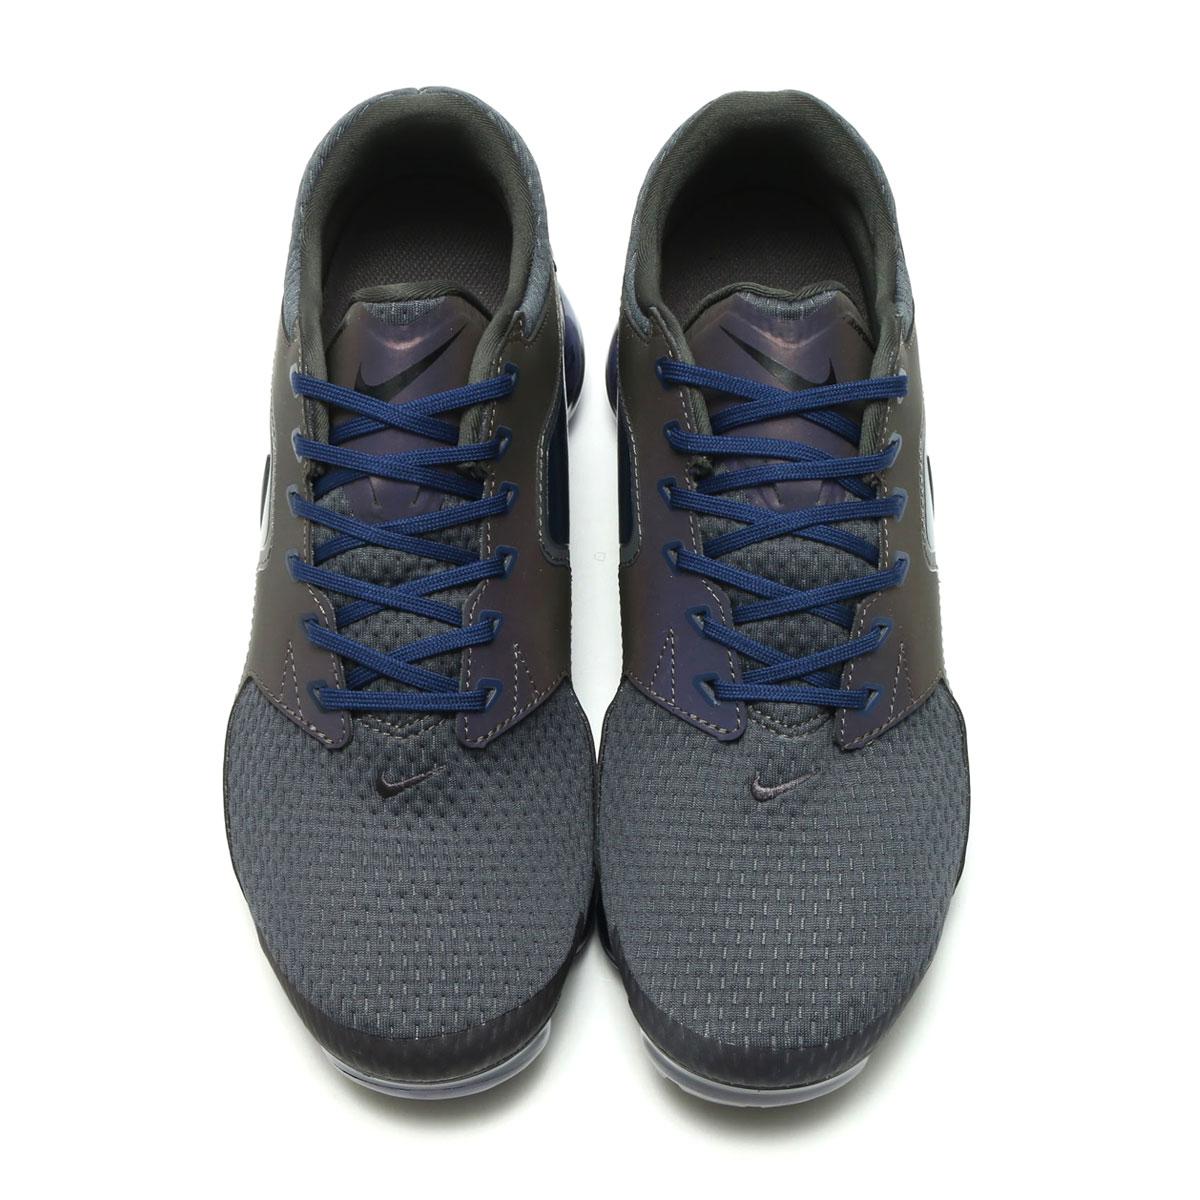 NIKE AIR VAPORMAX R (Nike air vapor max R)(MIDNIGHT FOG MIDNIGHT  FOG-MIDNIGHT NAVY)17HO-S ec7b3a3f4